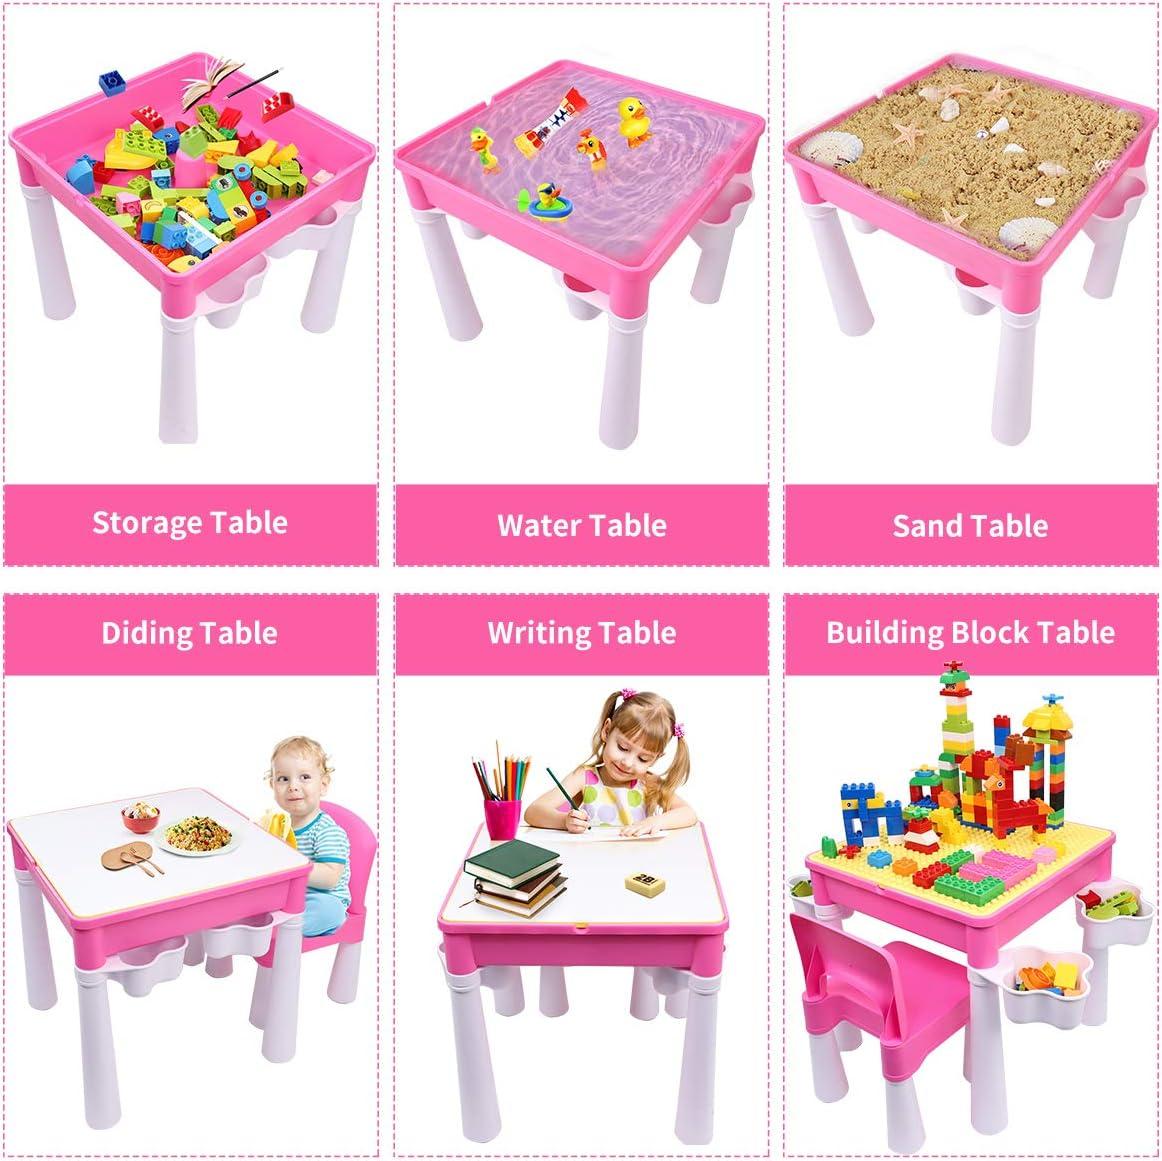 burgkidz Set Tavolo e Sedia per Bambini Tavolo da attivit/à in Plastica Rosa con Piastra di Base per Bambine Scrivania per Bambini con 1 Sedia e Mattoni da 128 Pezzi